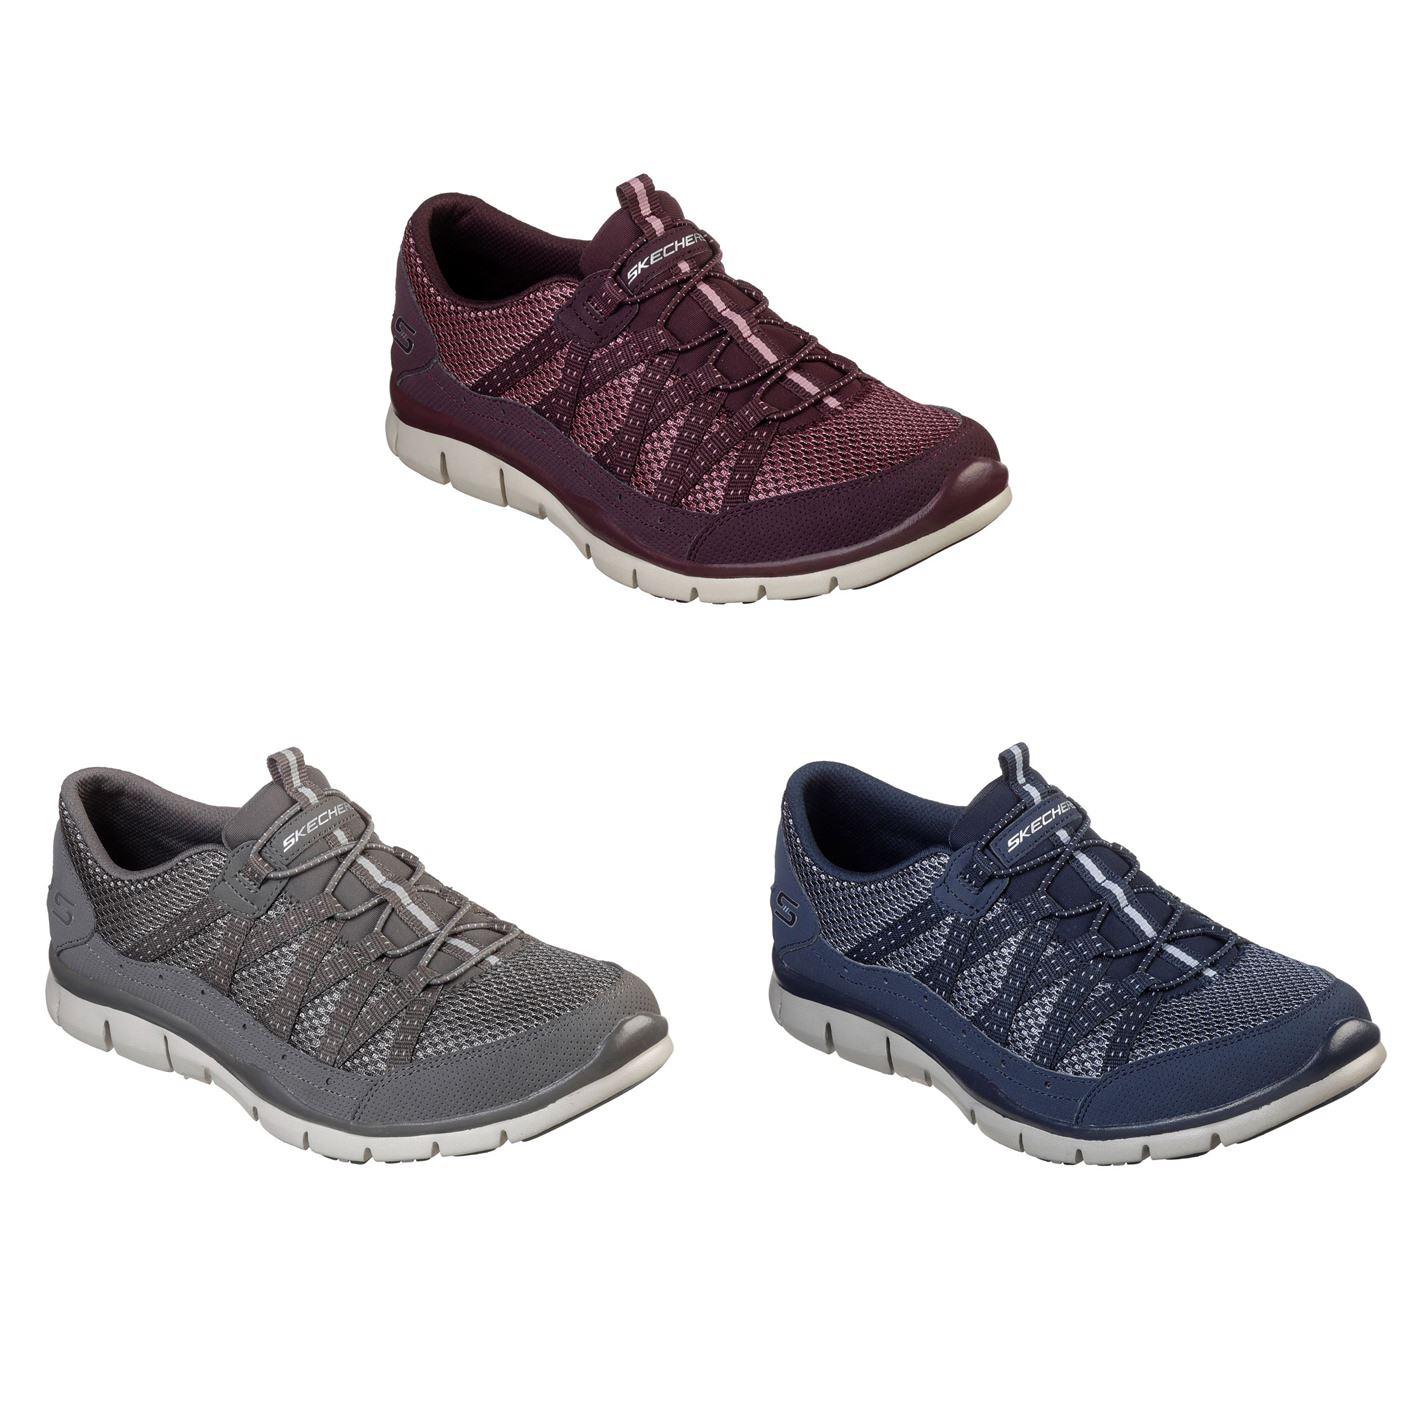 skechers gratis strolling shoes ladies